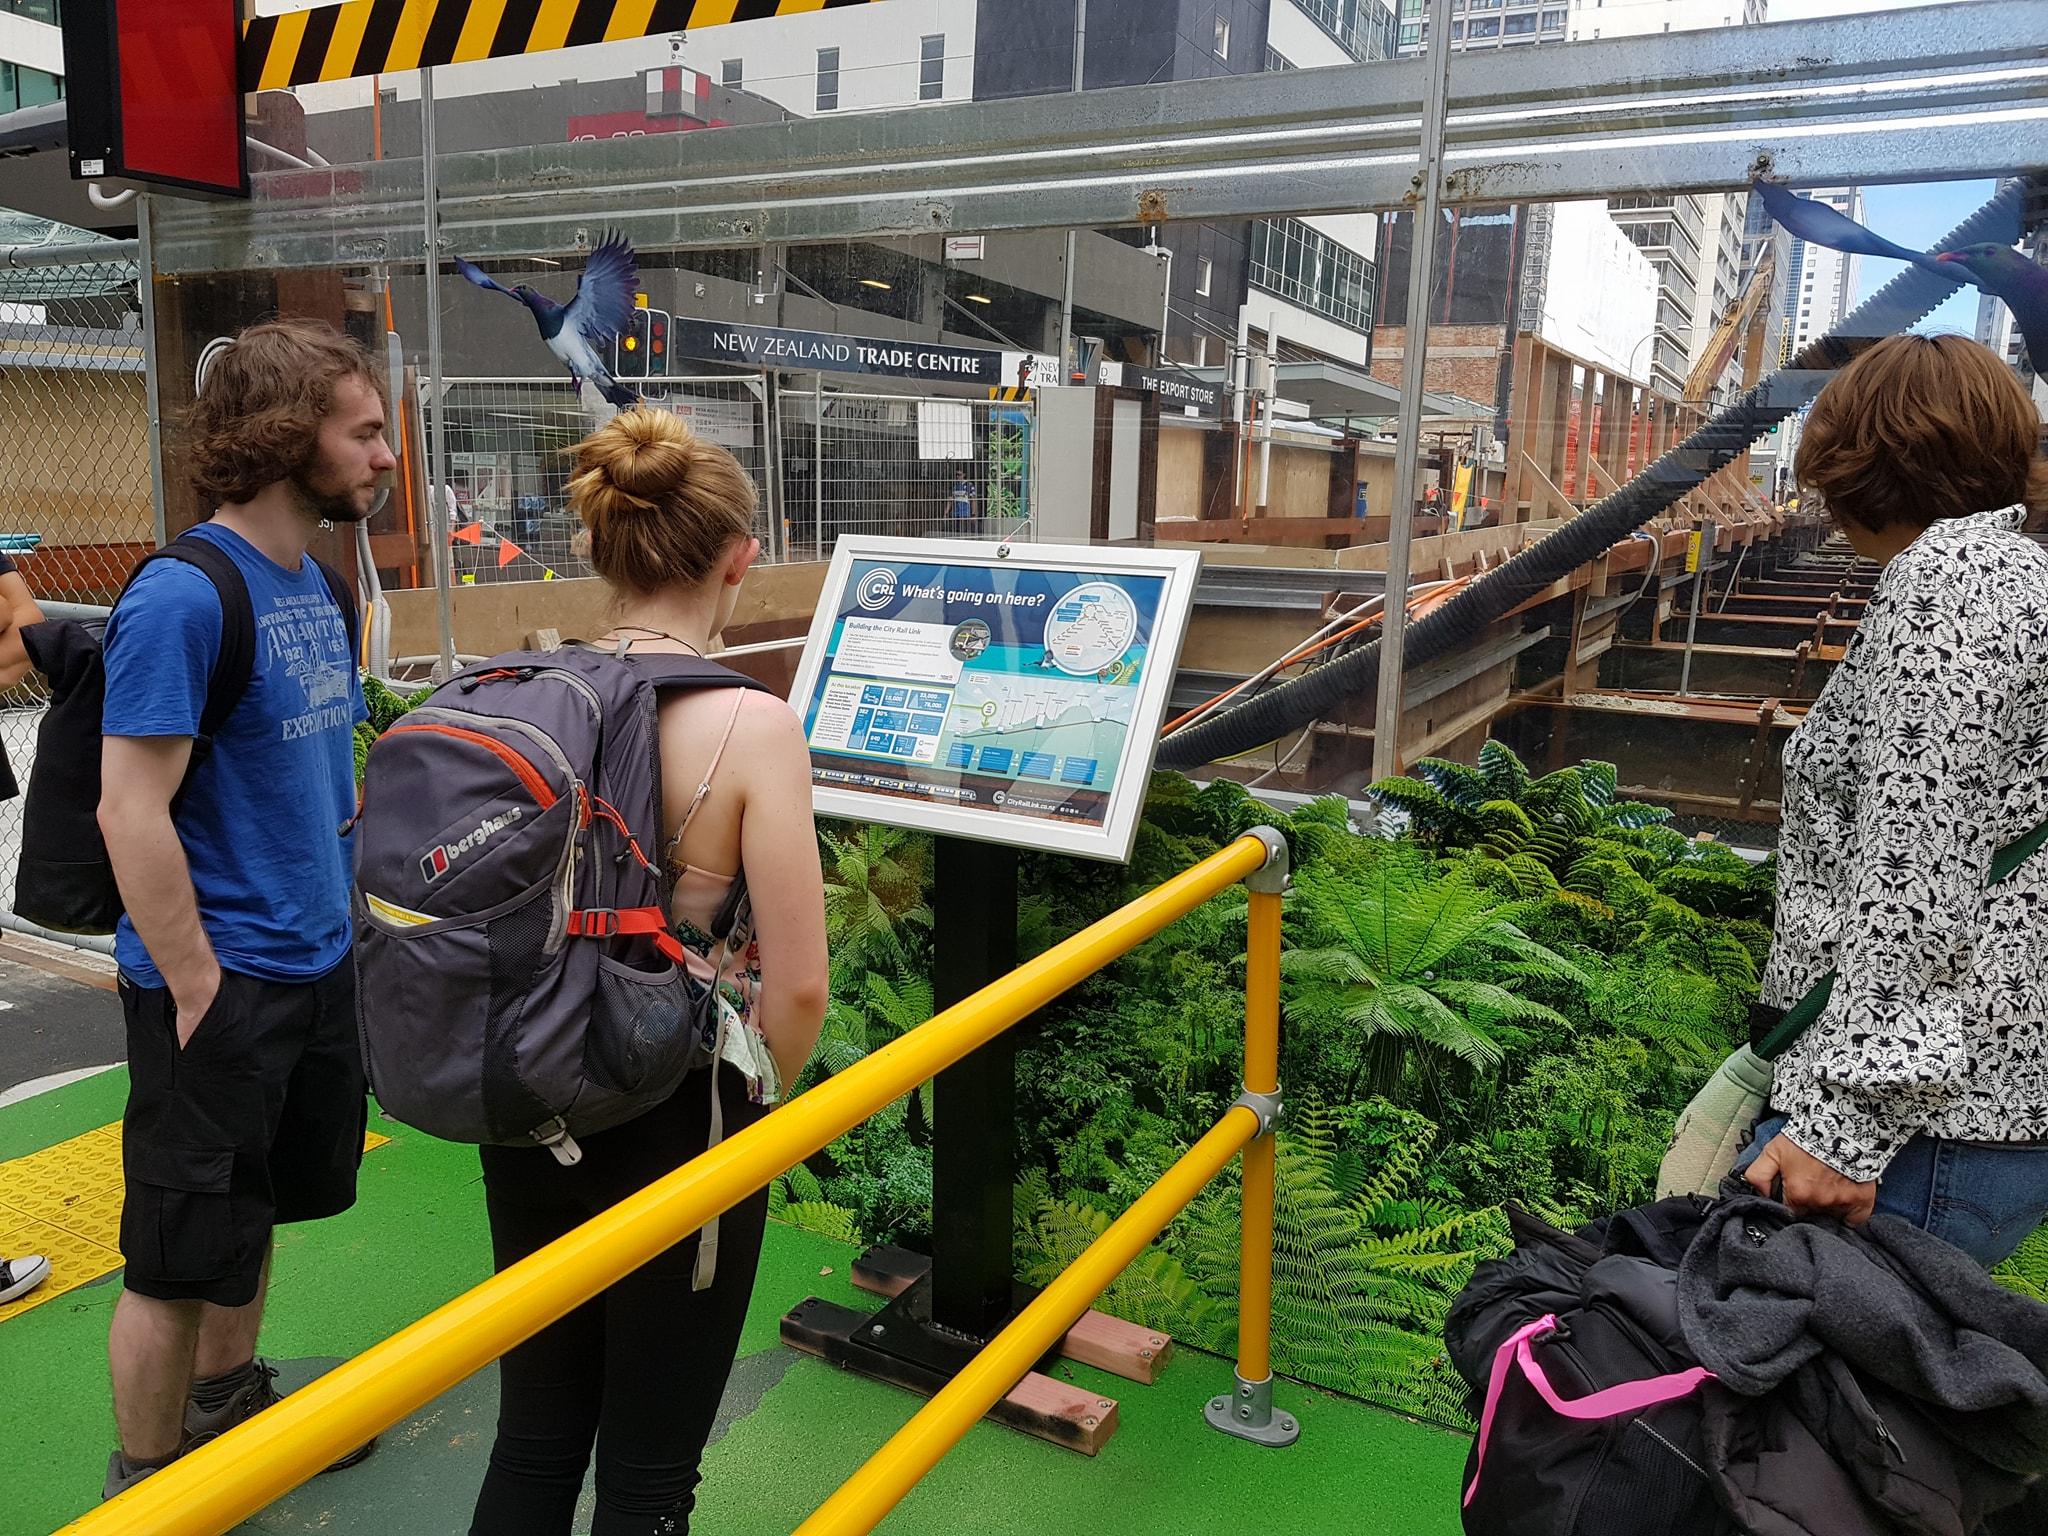 CRL viewing platform Albert Street